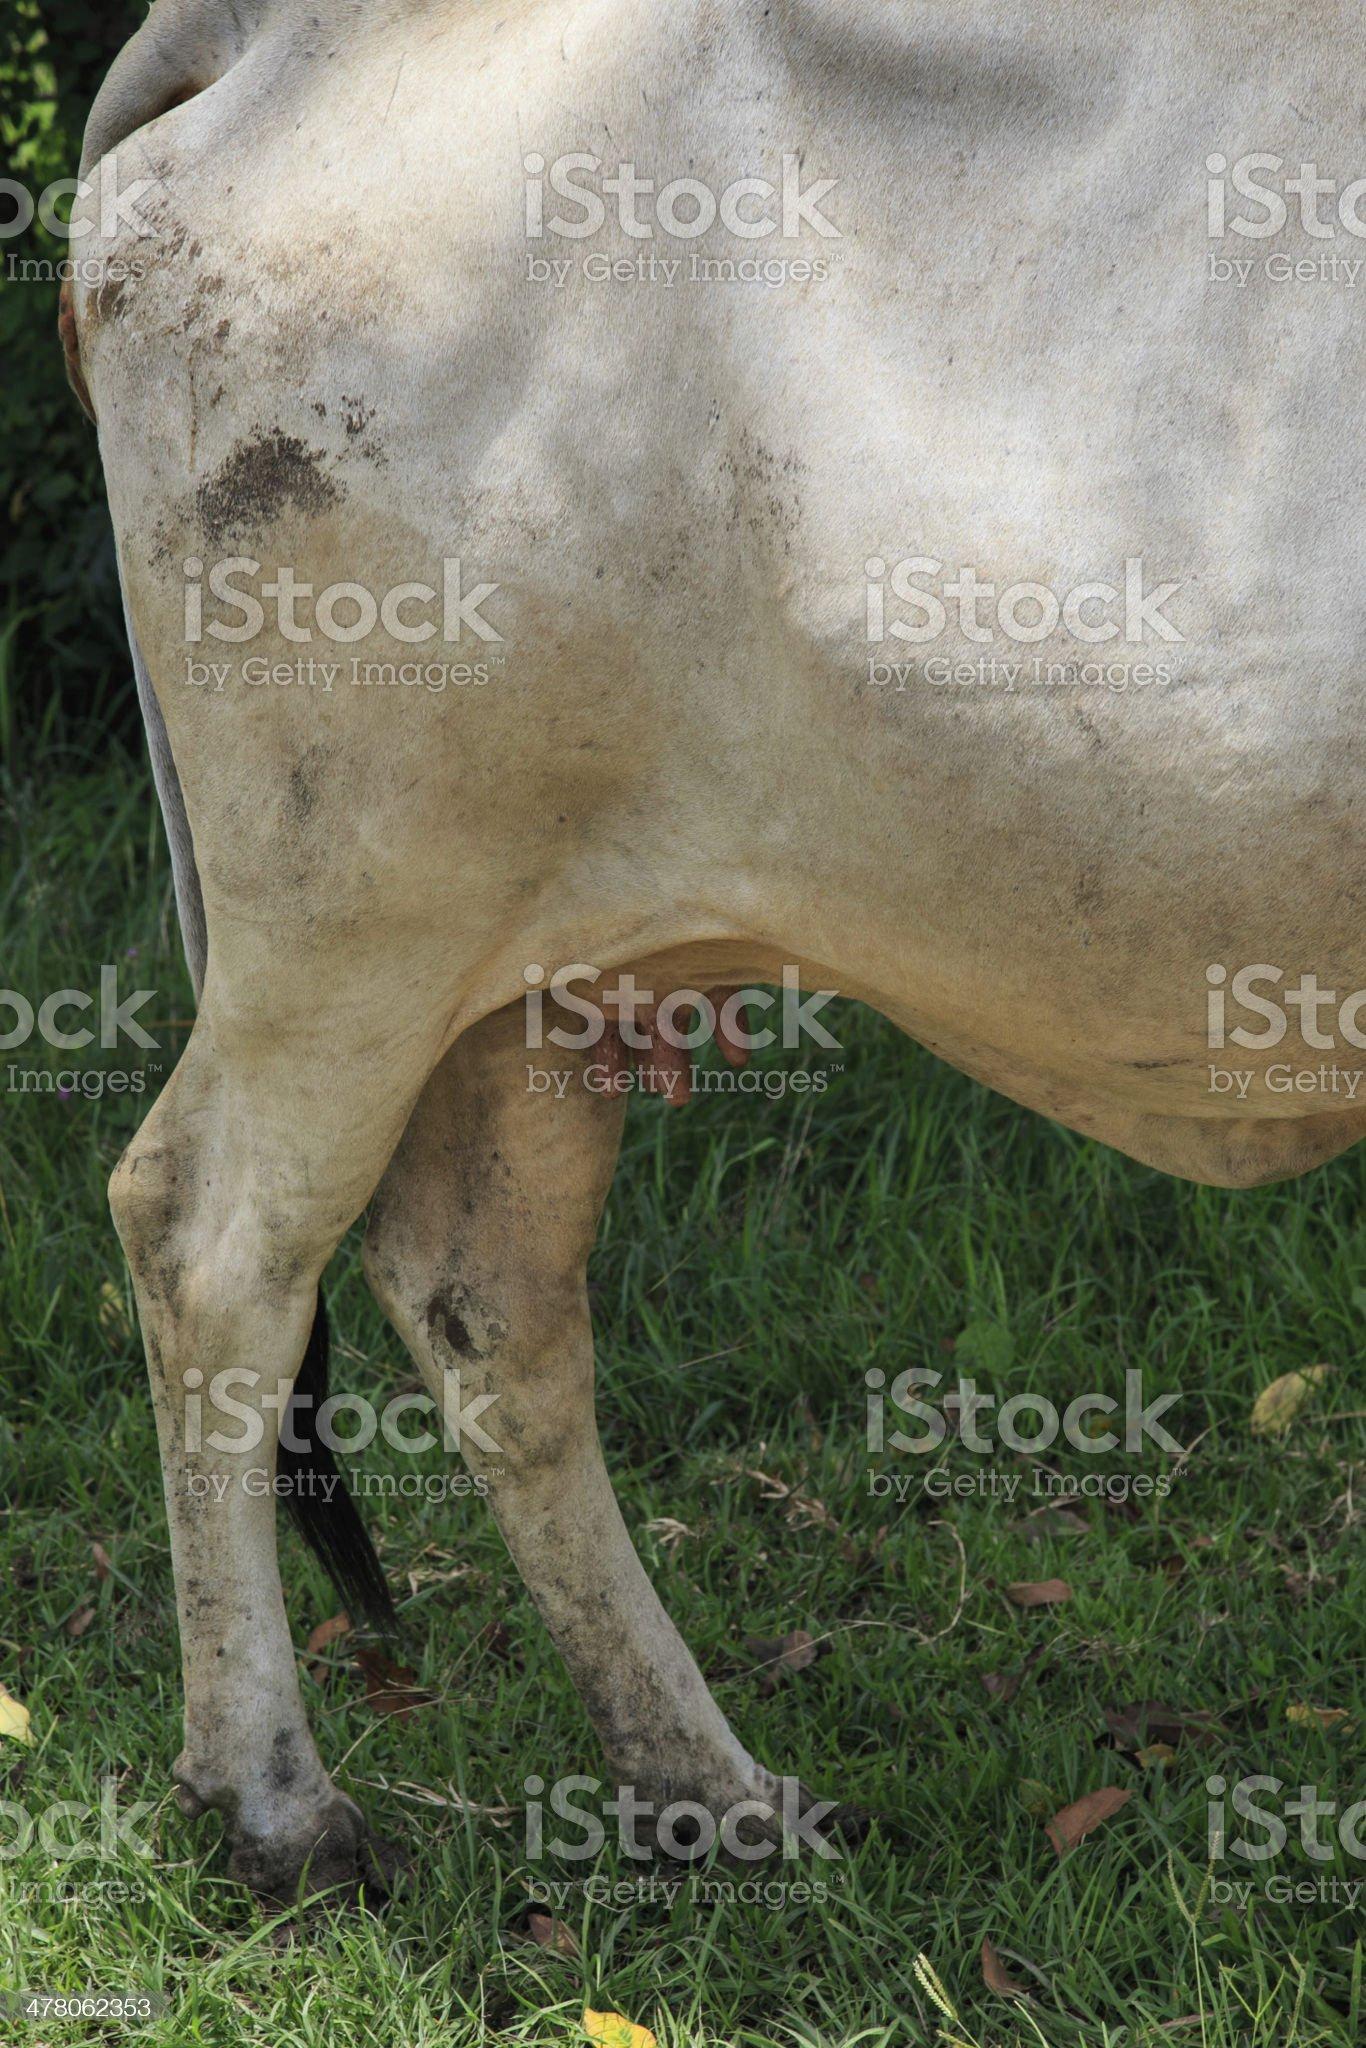 White cow skin royalty-free stock photo